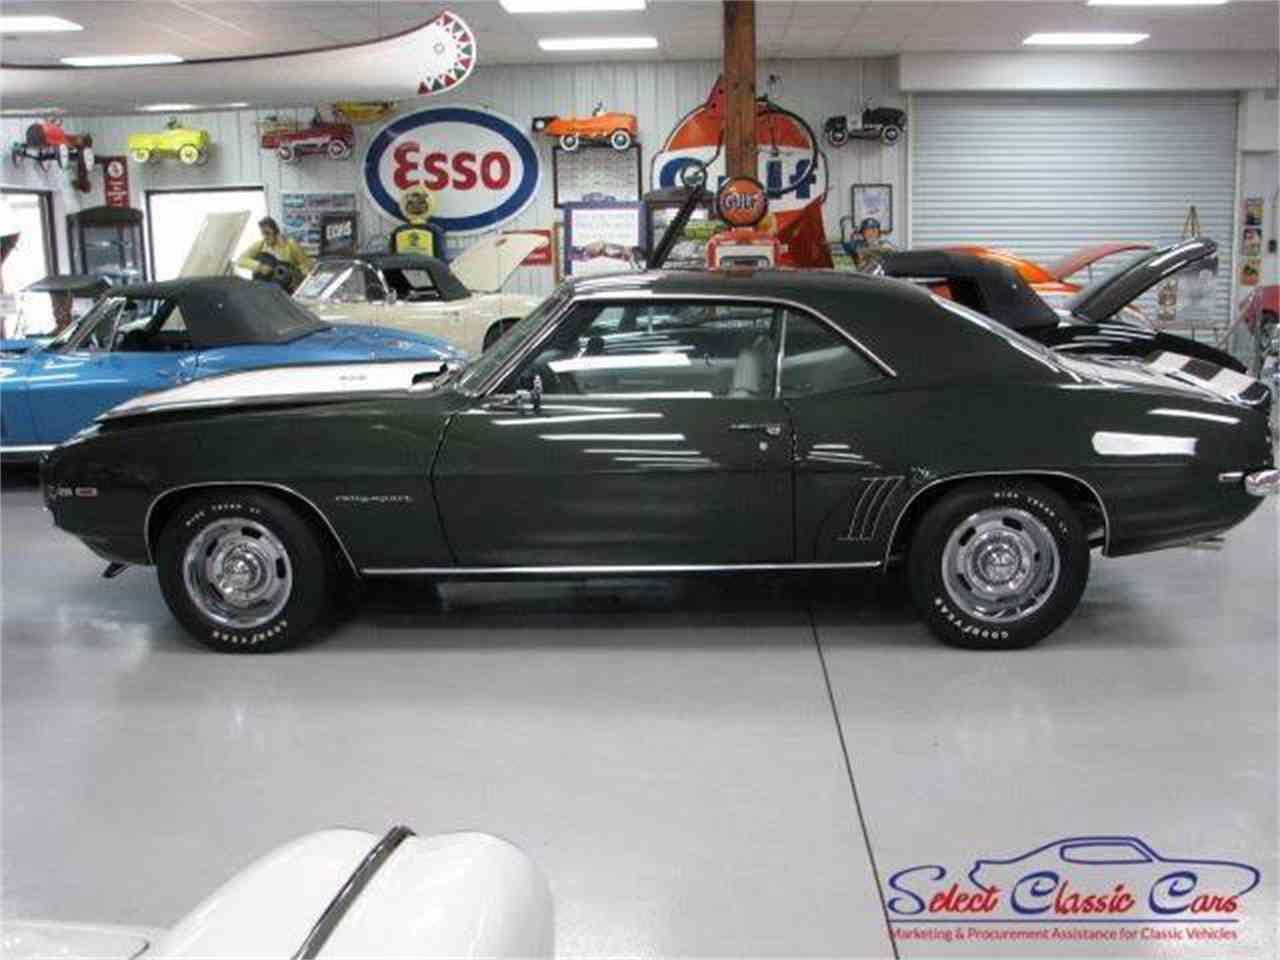 1969 camaro for sale in georgia - Large Picture Of 1969 Camaro Located In Hiram Georgia 115 000 00 M9uj